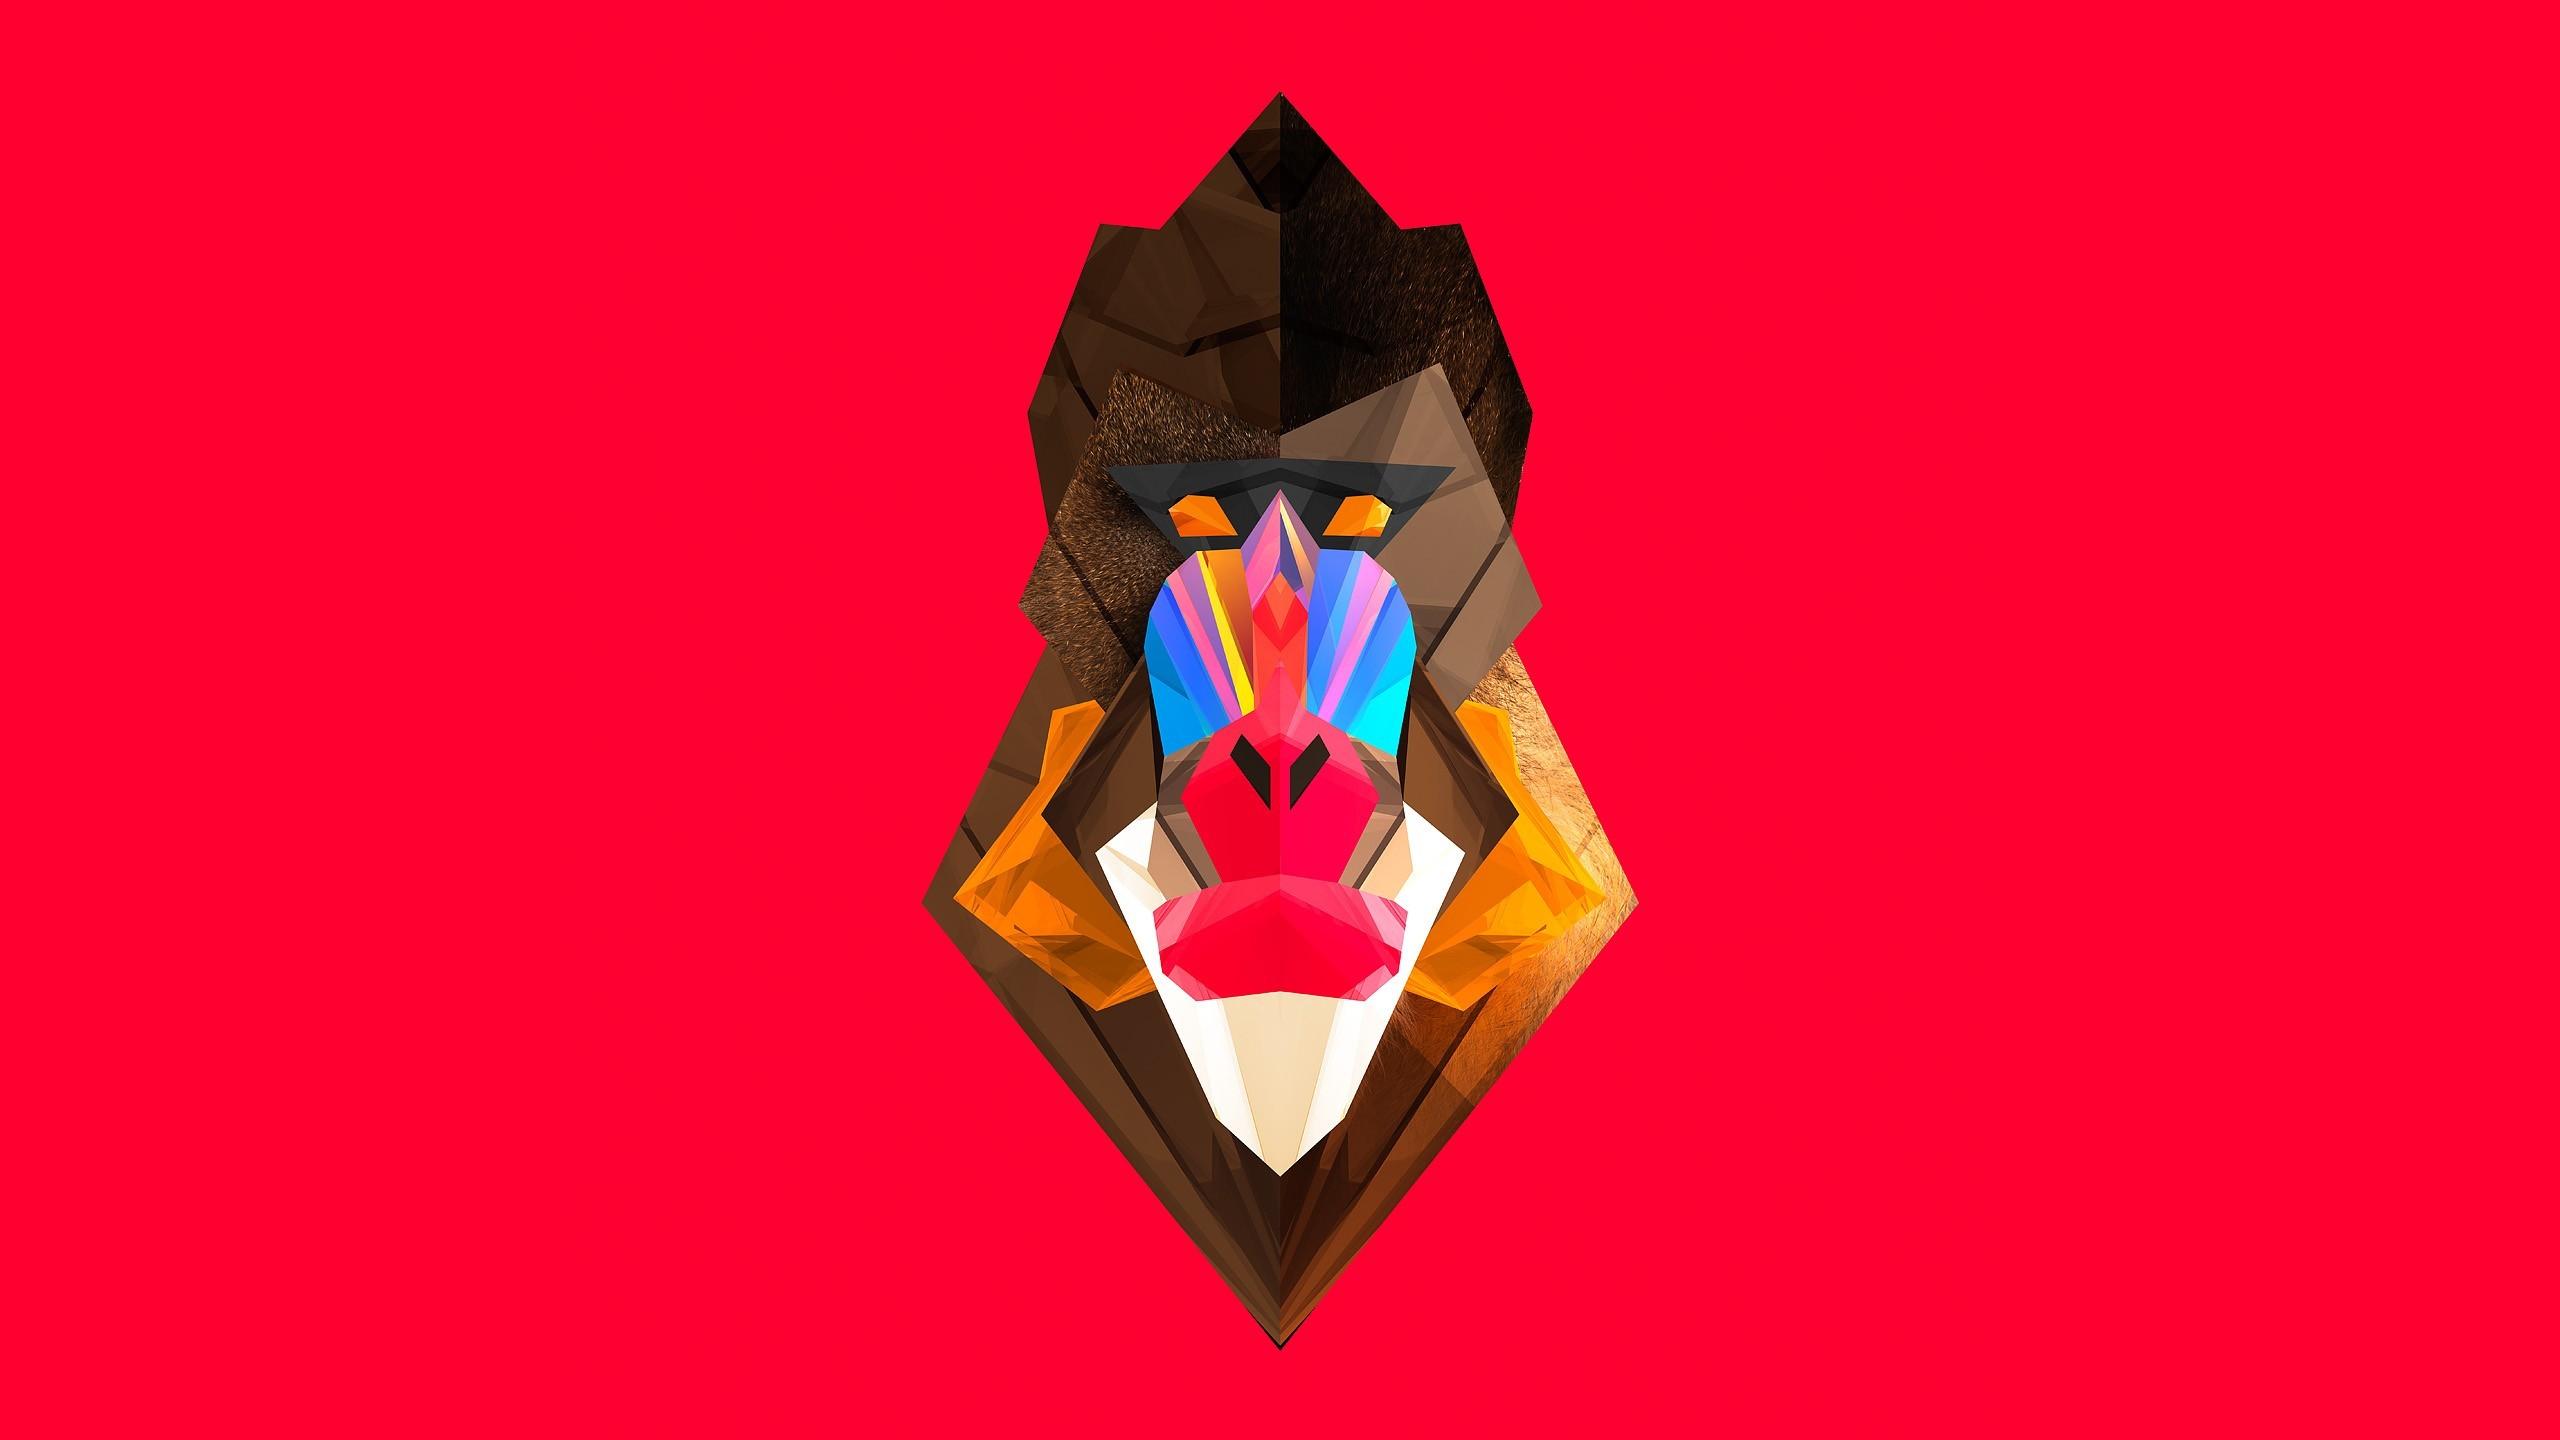 Illustration Digital Art Animals Red Artwork Facets Justin Maller Monkey Mandrill ART Organ